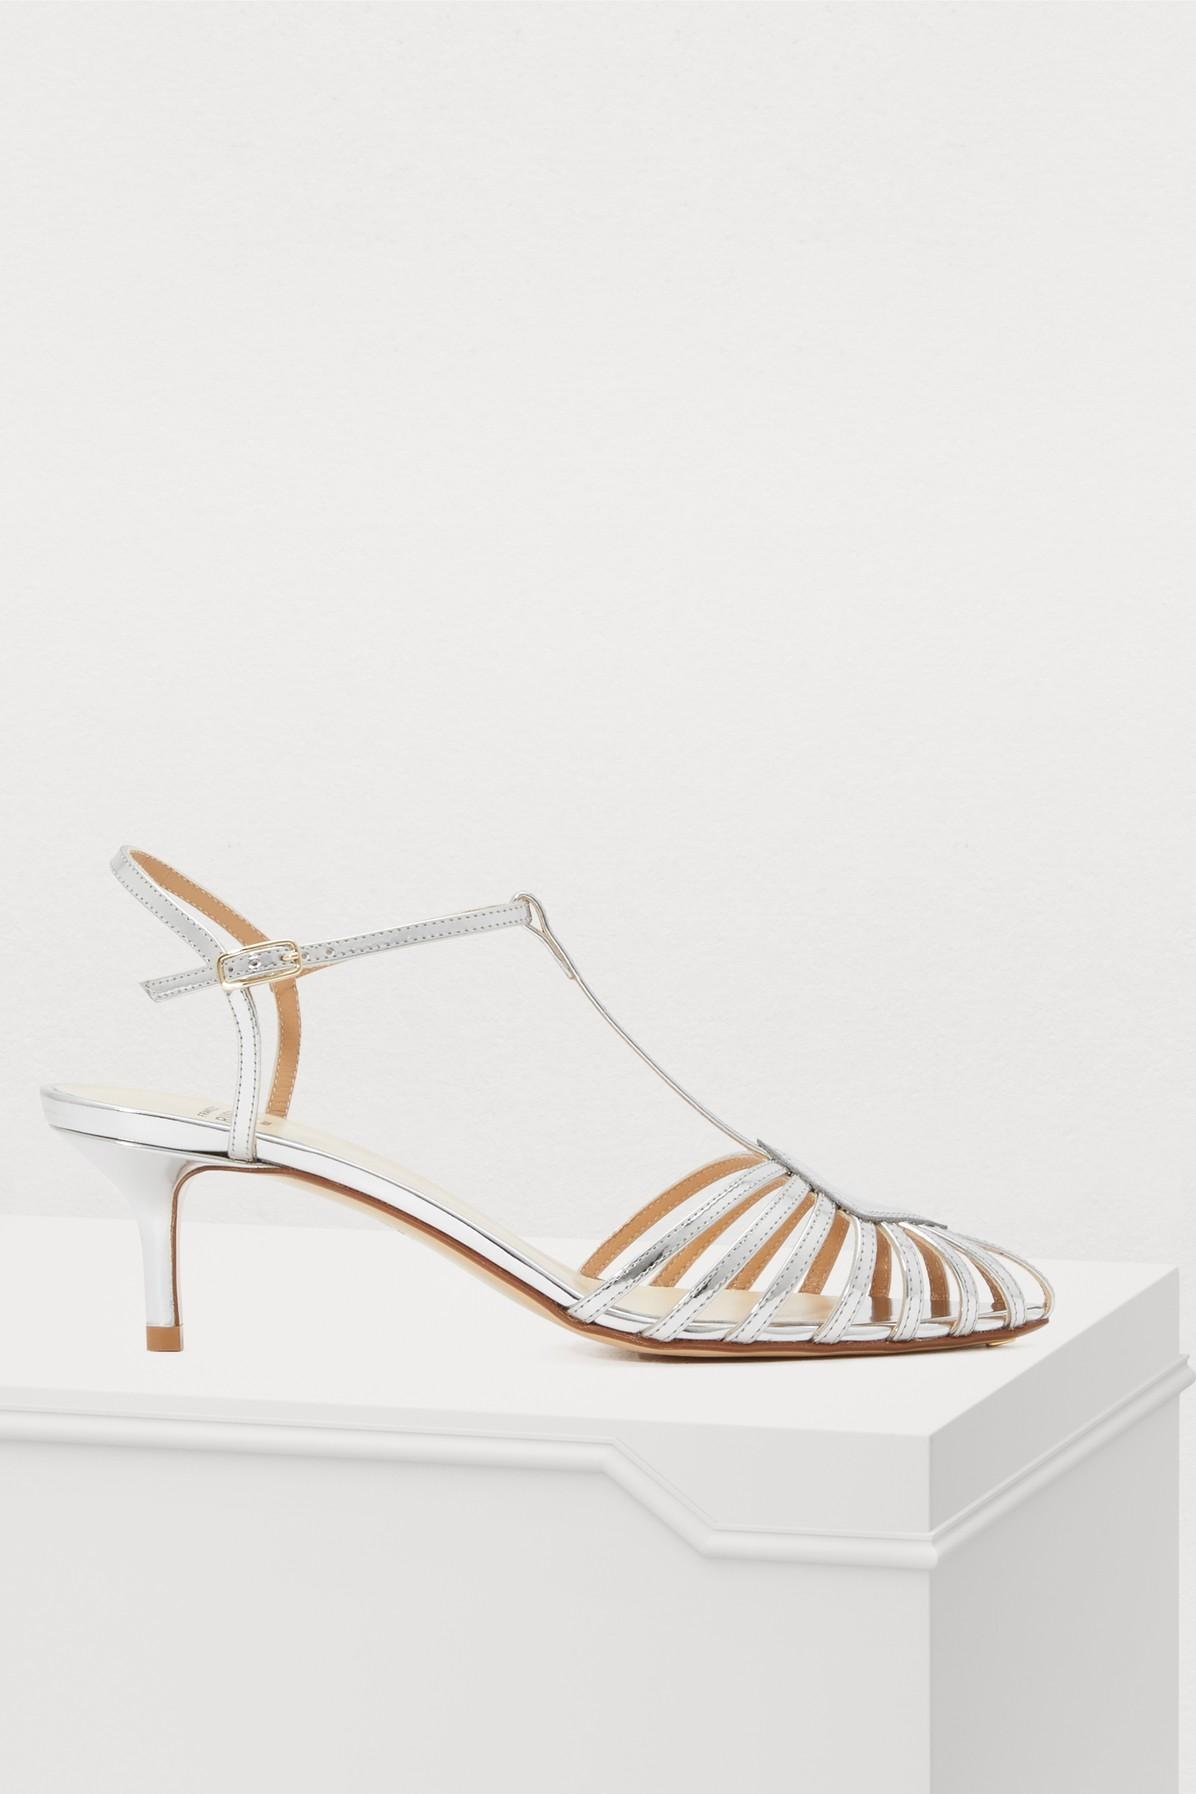 c753fbf4248 Lyst - Francesco Russo Open Silver Sandals in Metallic